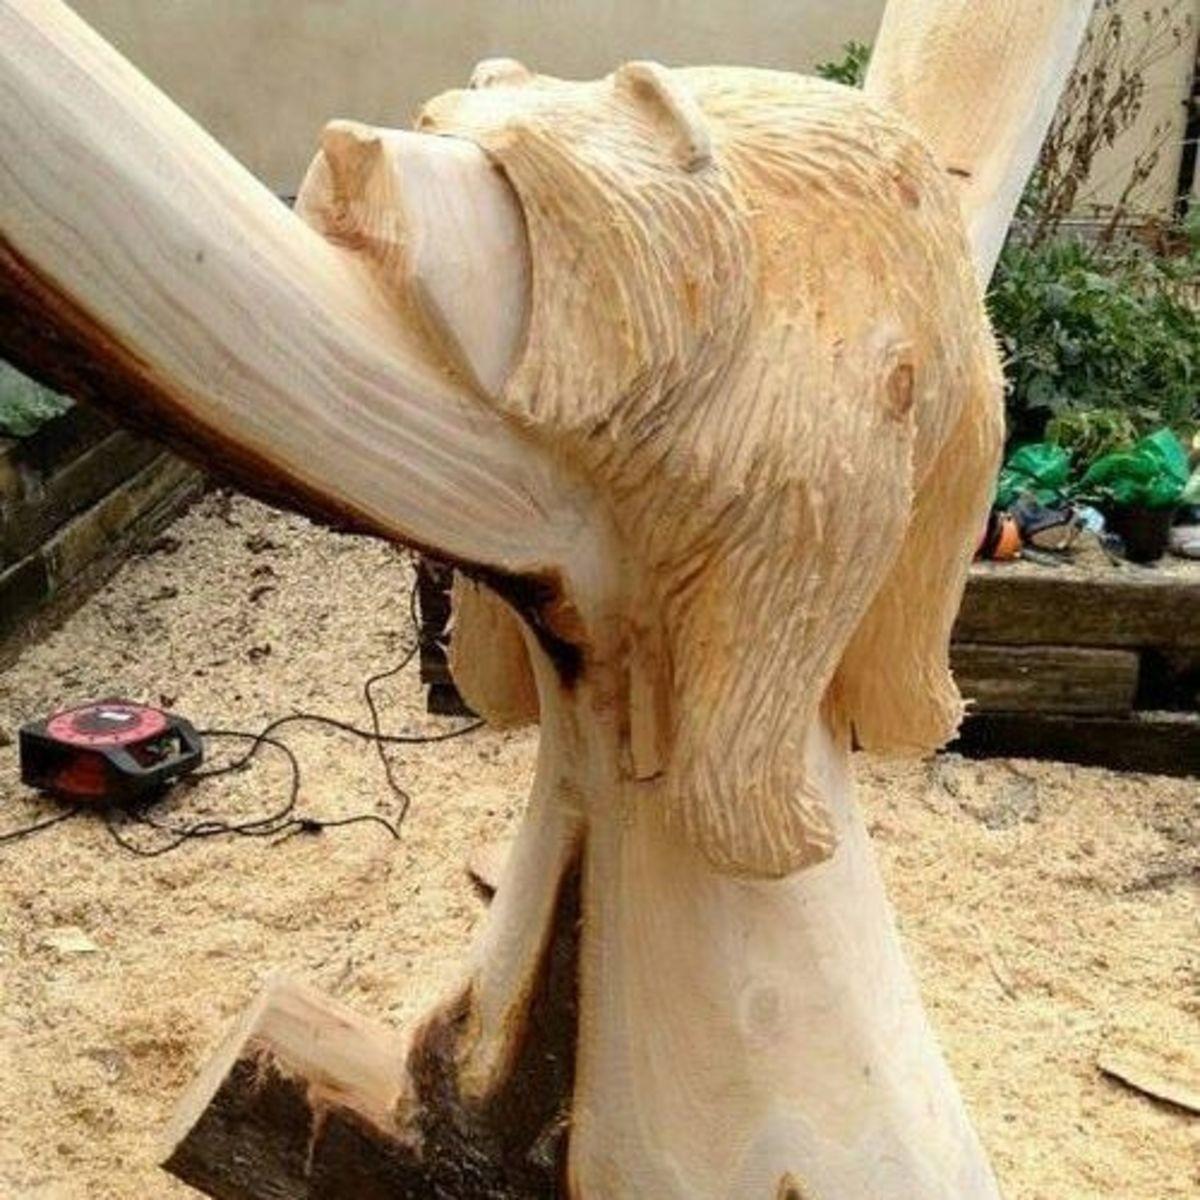 Поделки из дерева бензопилой своими руками фото